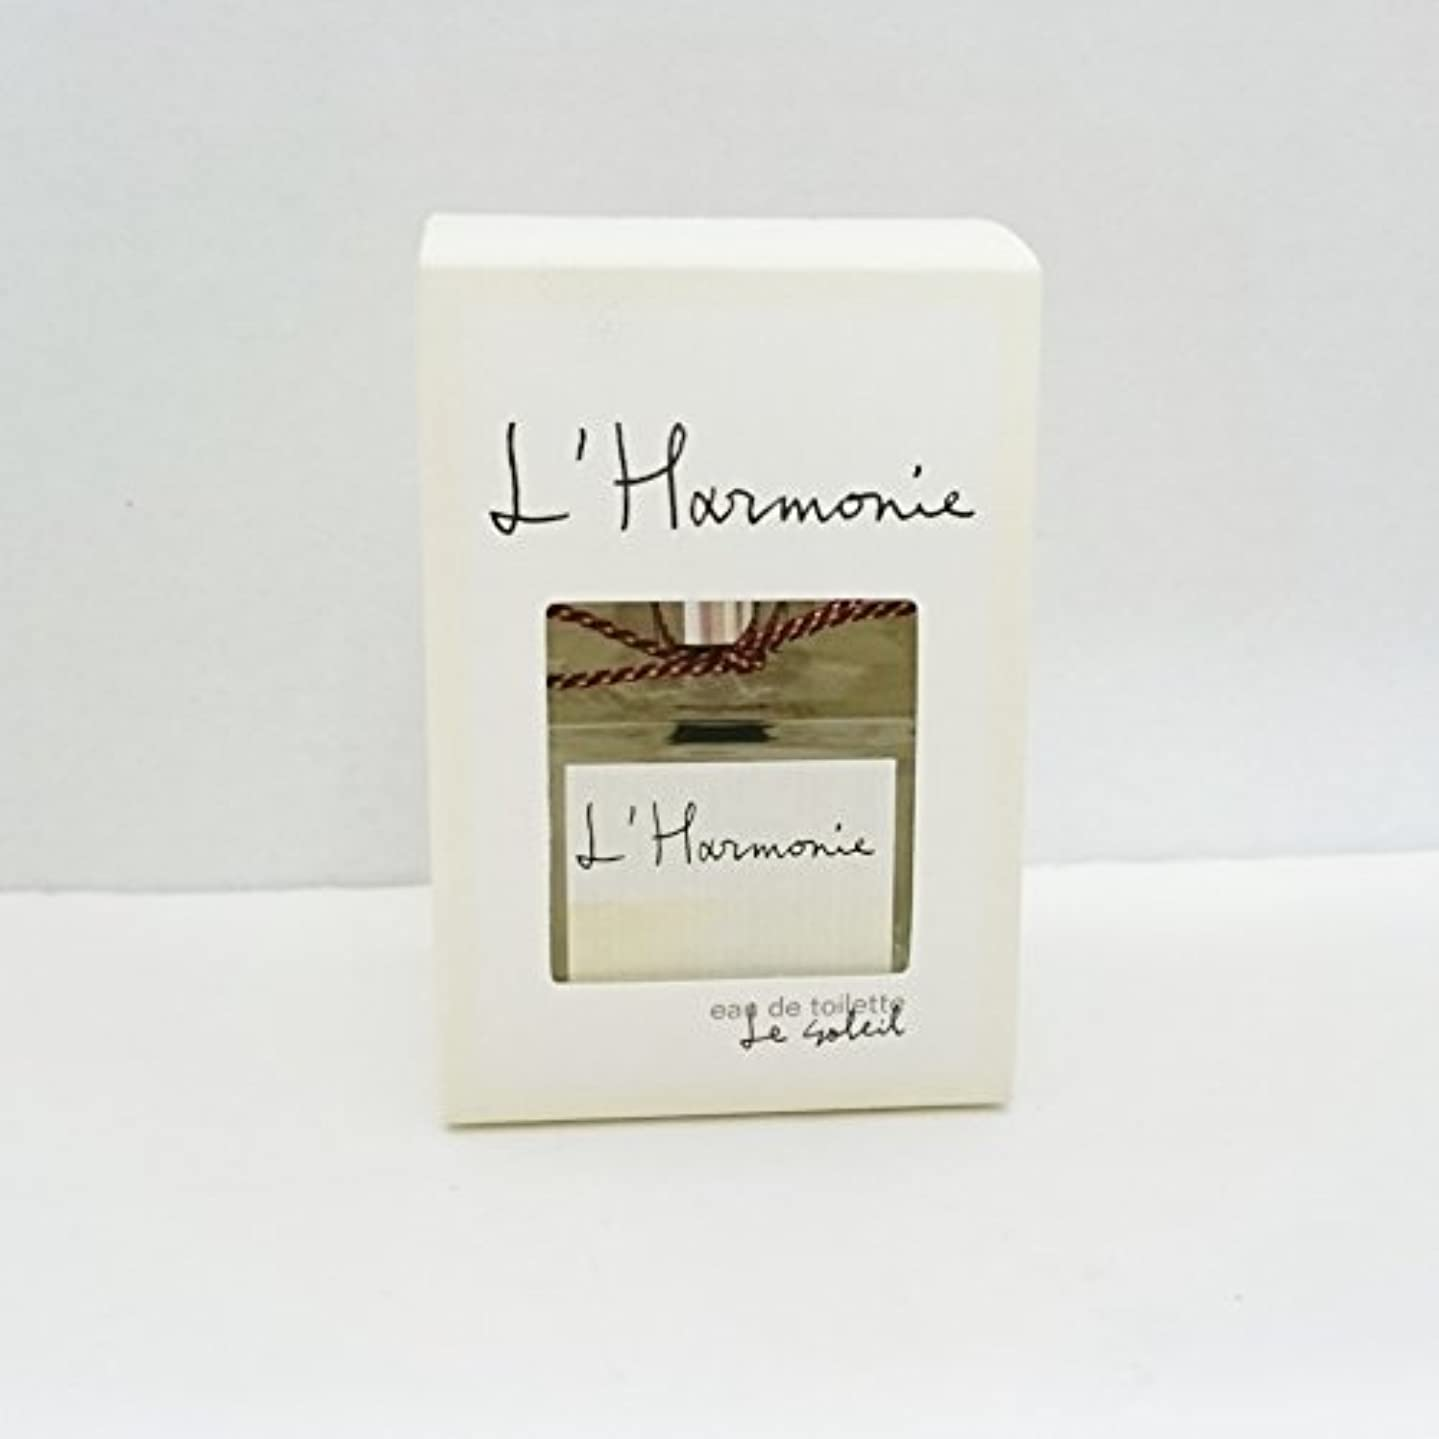 受信海洋興奮するLothantique(ロタンティック) L' Harmonie(アルモニ) オードトワレ 50ml 「Le soleil(ソレイユ)」 4994228024572